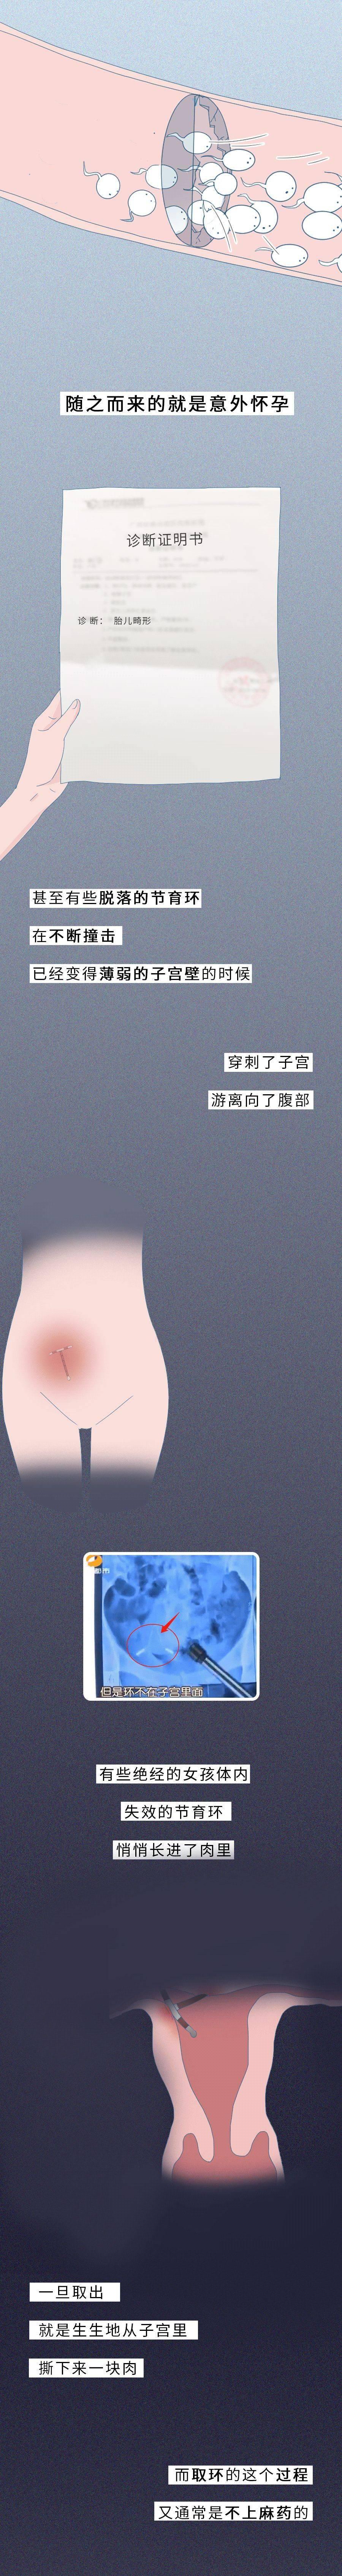 """一张图告诉你""""节育环""""在女性体内的20年,没人能笑着看完"""